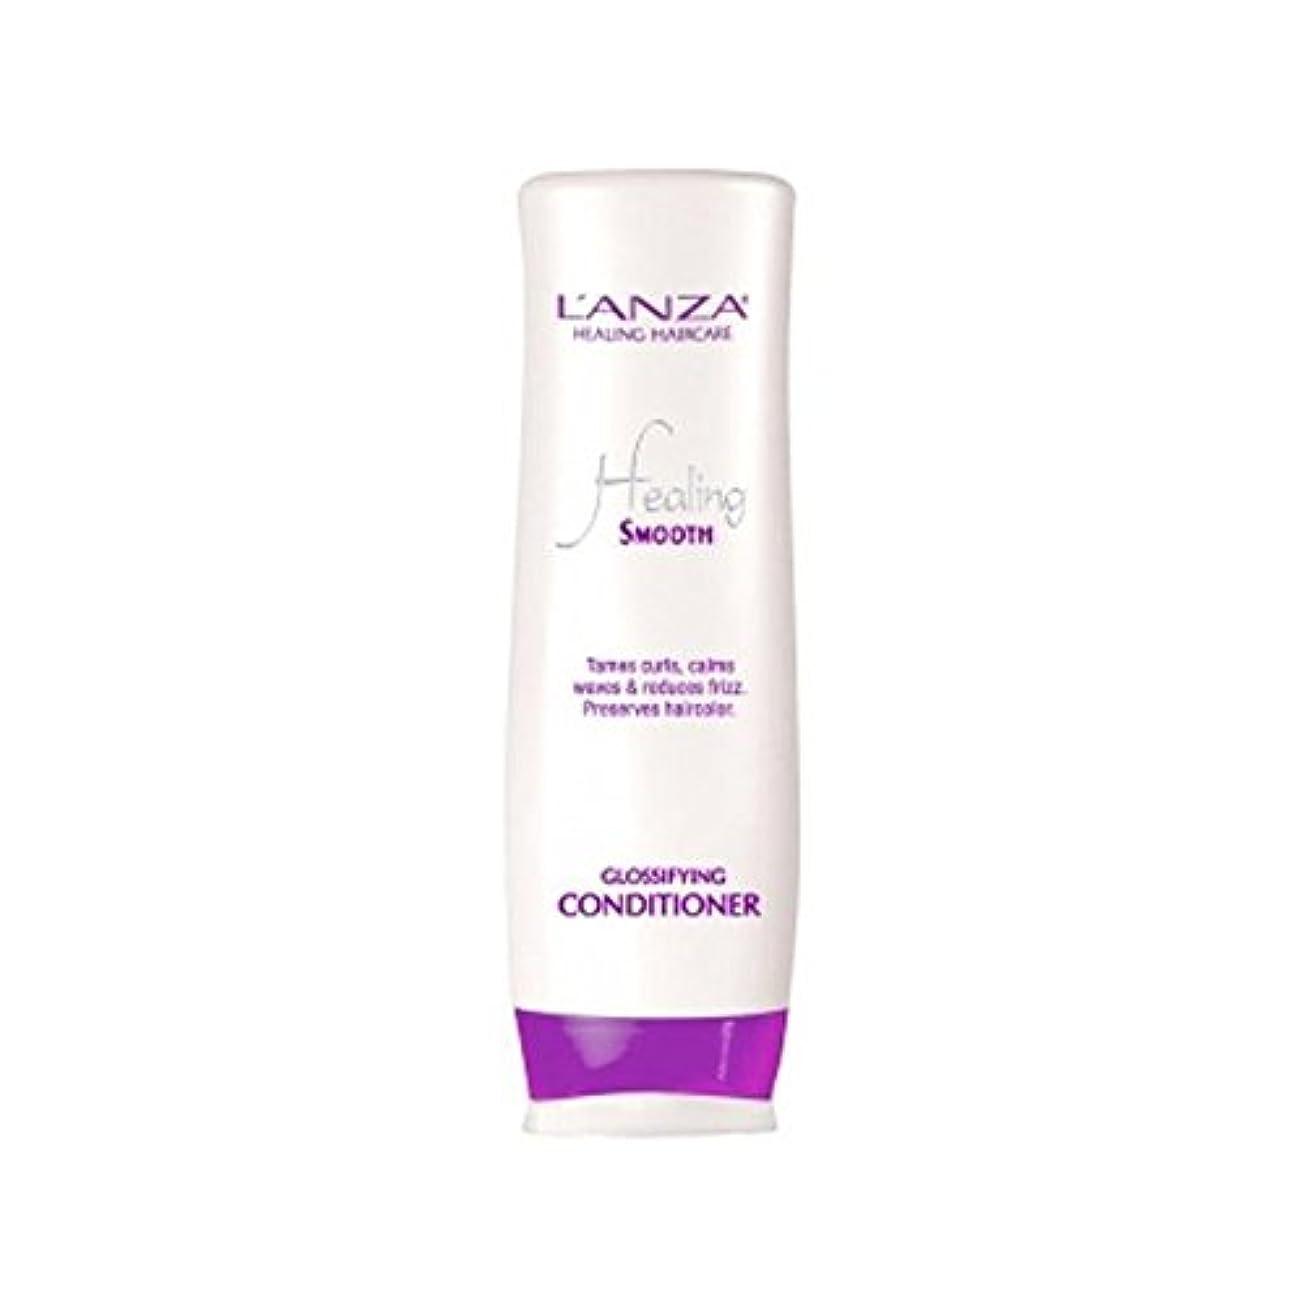 有名なカルシウム夏L'Anza Healing Smooth Glossifying Conditioner (250ml) - スムーズなコンディショナーを癒し'アンザ(250ミリリットル) [並行輸入品]